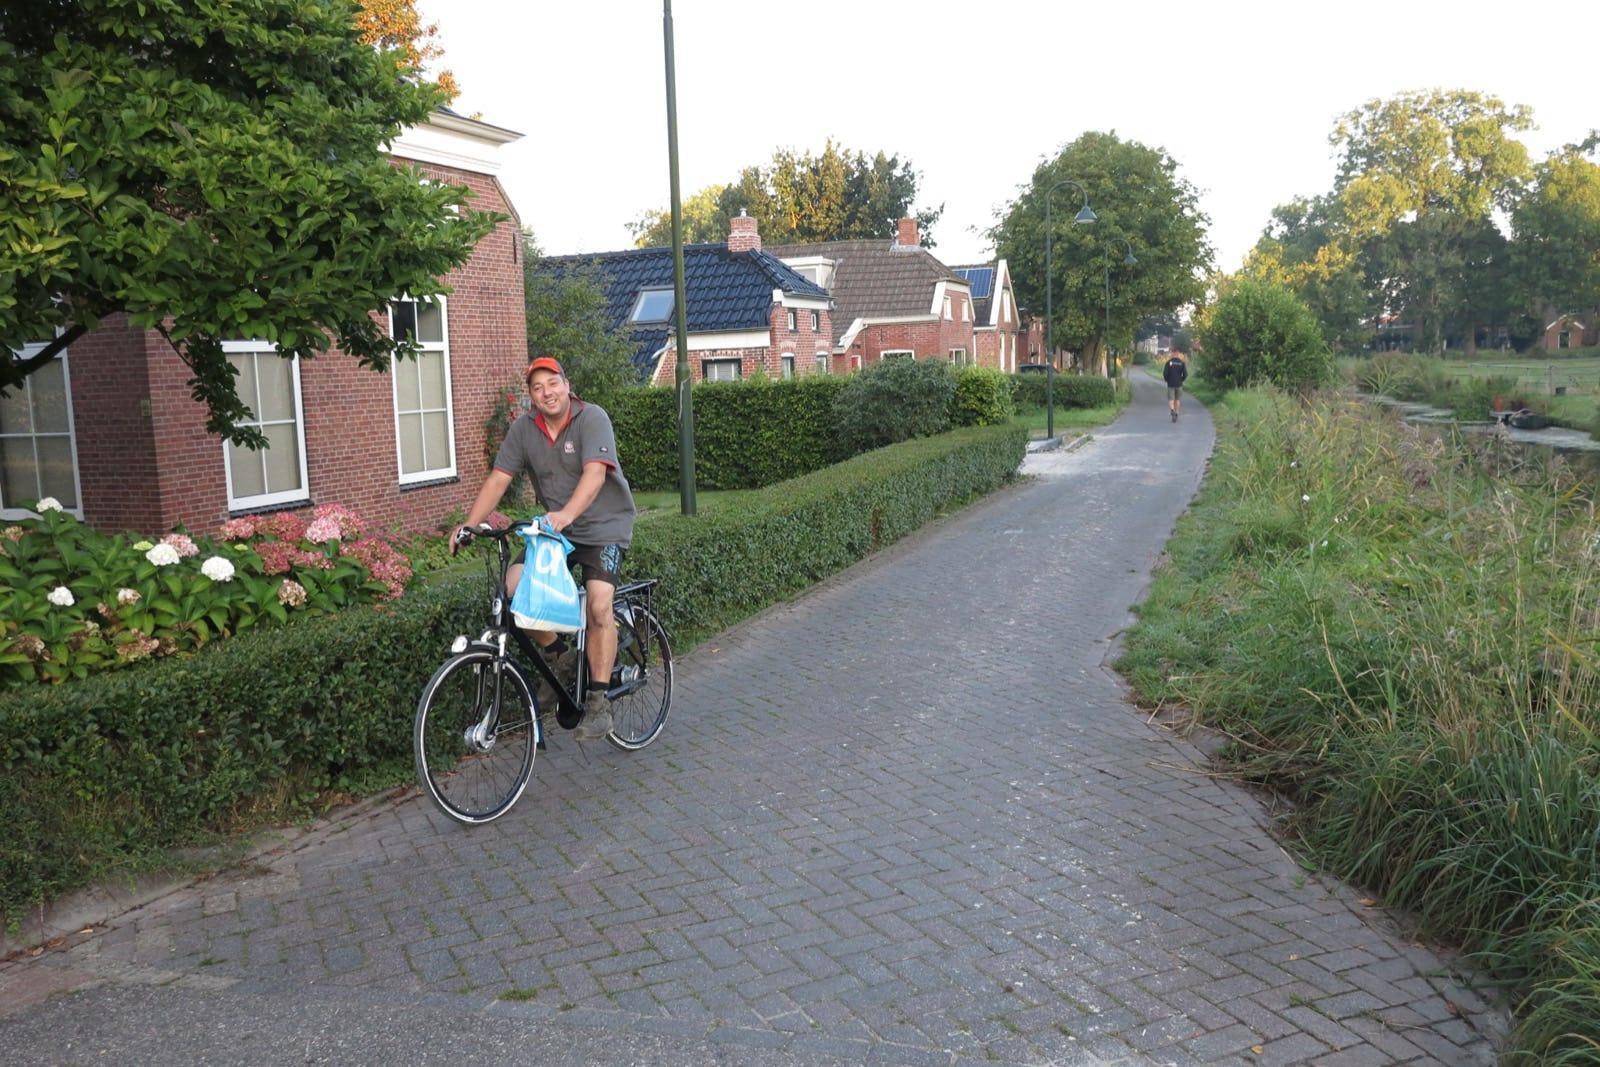 et-fiets-en-fietser-69-martijn-bol-oi.jpg